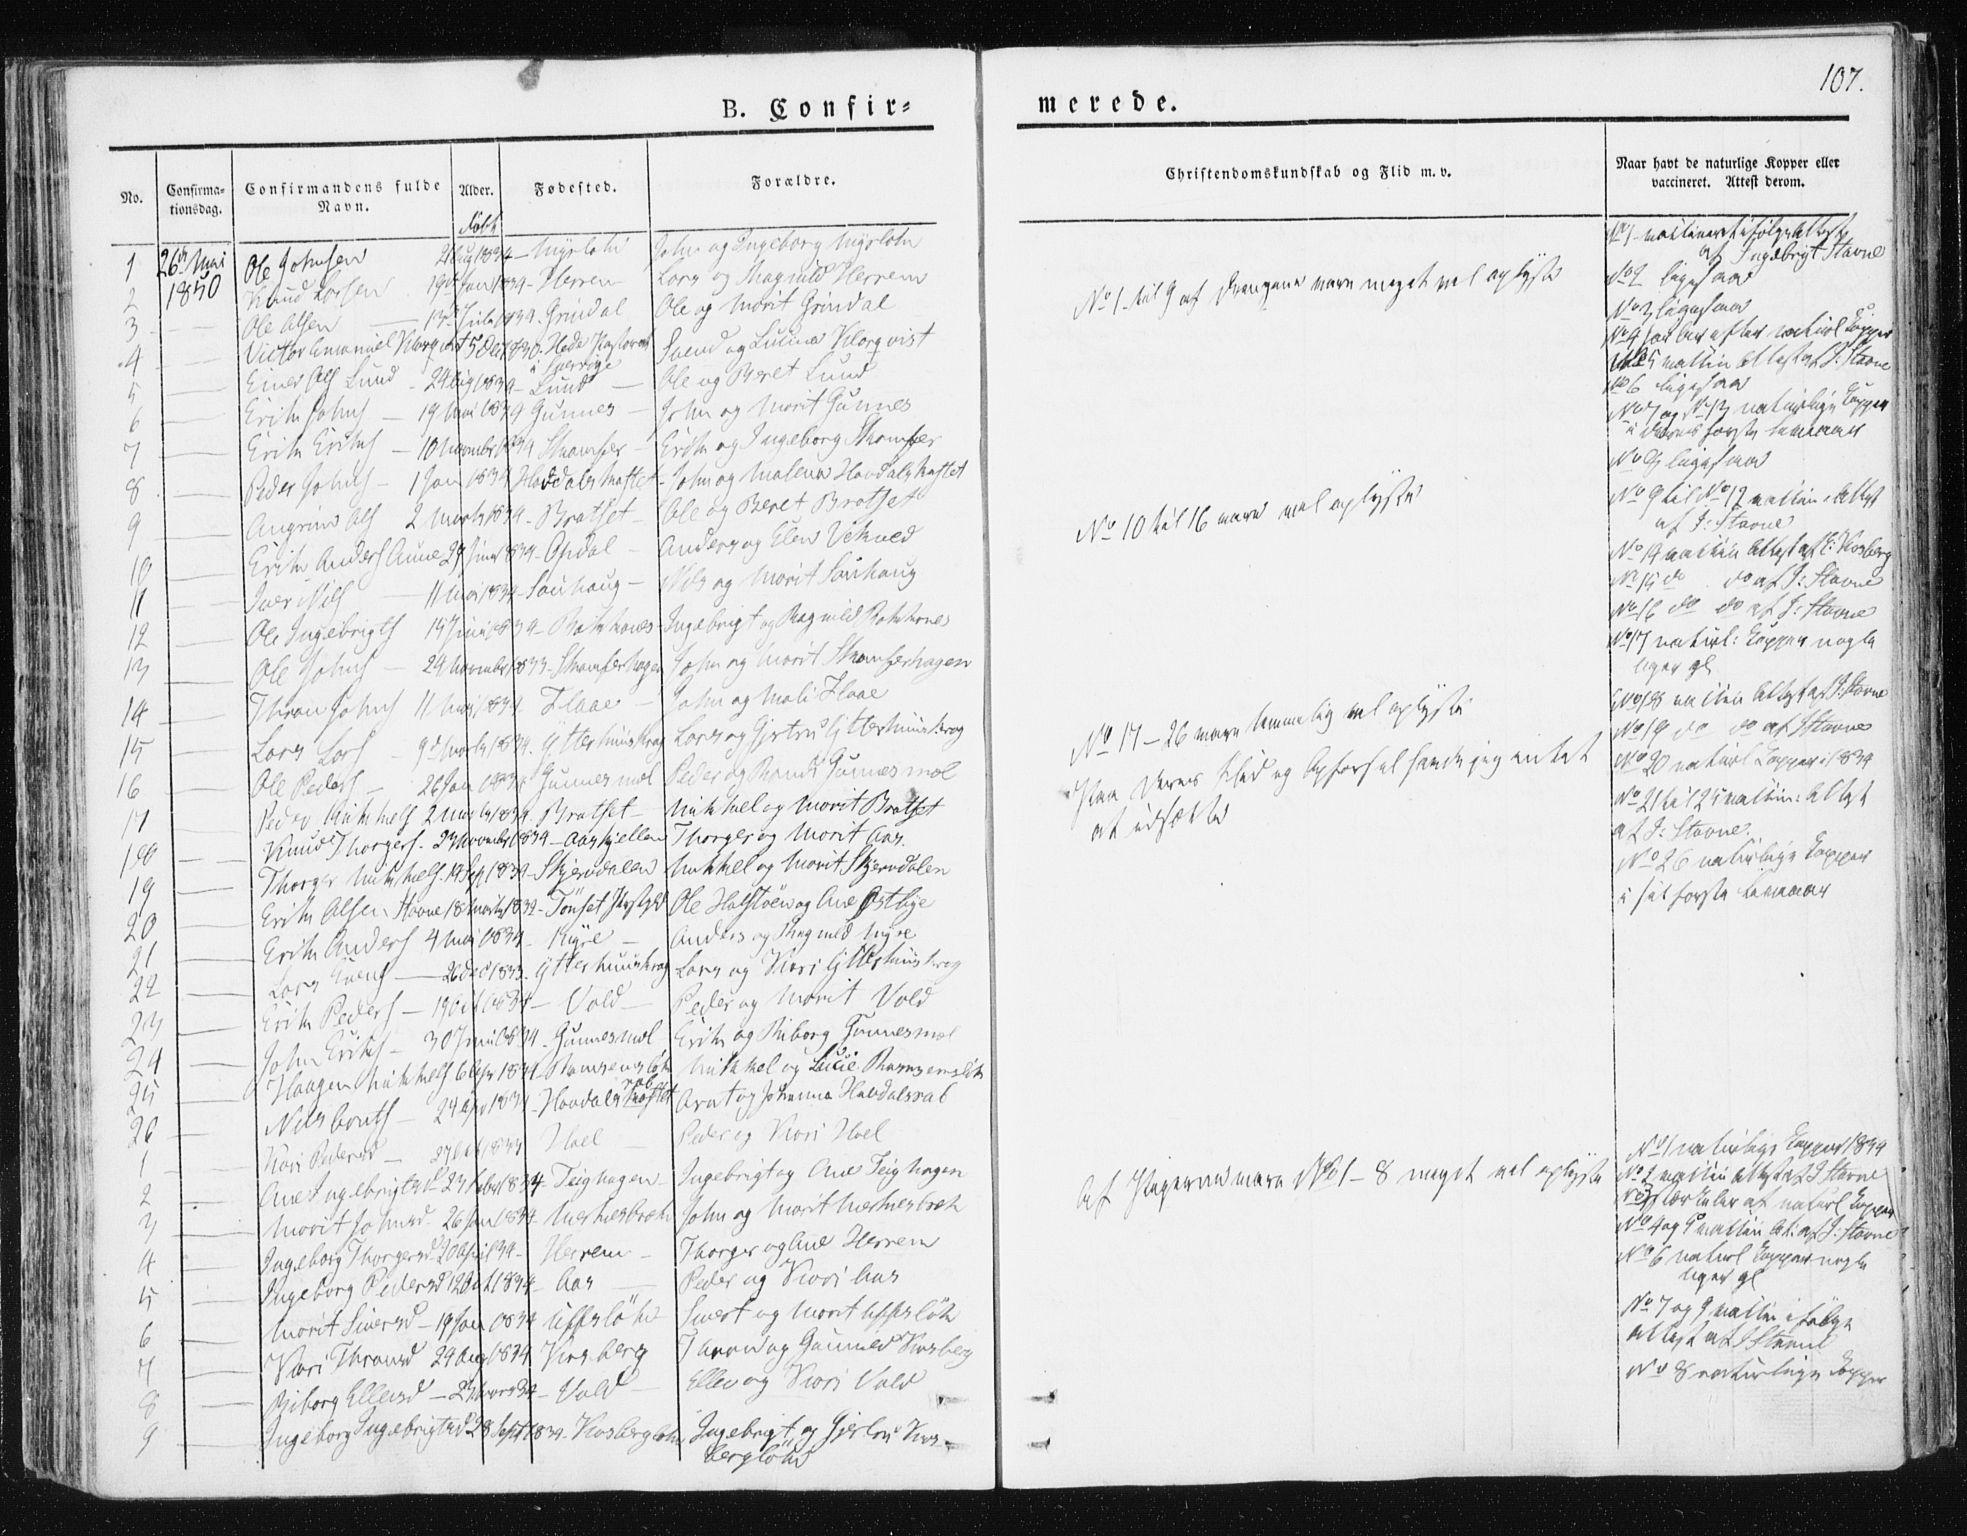 SAT, Ministerialprotokoller, klokkerbøker og fødselsregistre - Sør-Trøndelag, 674/L0869: Ministerialbok nr. 674A01, 1829-1860, s. 107